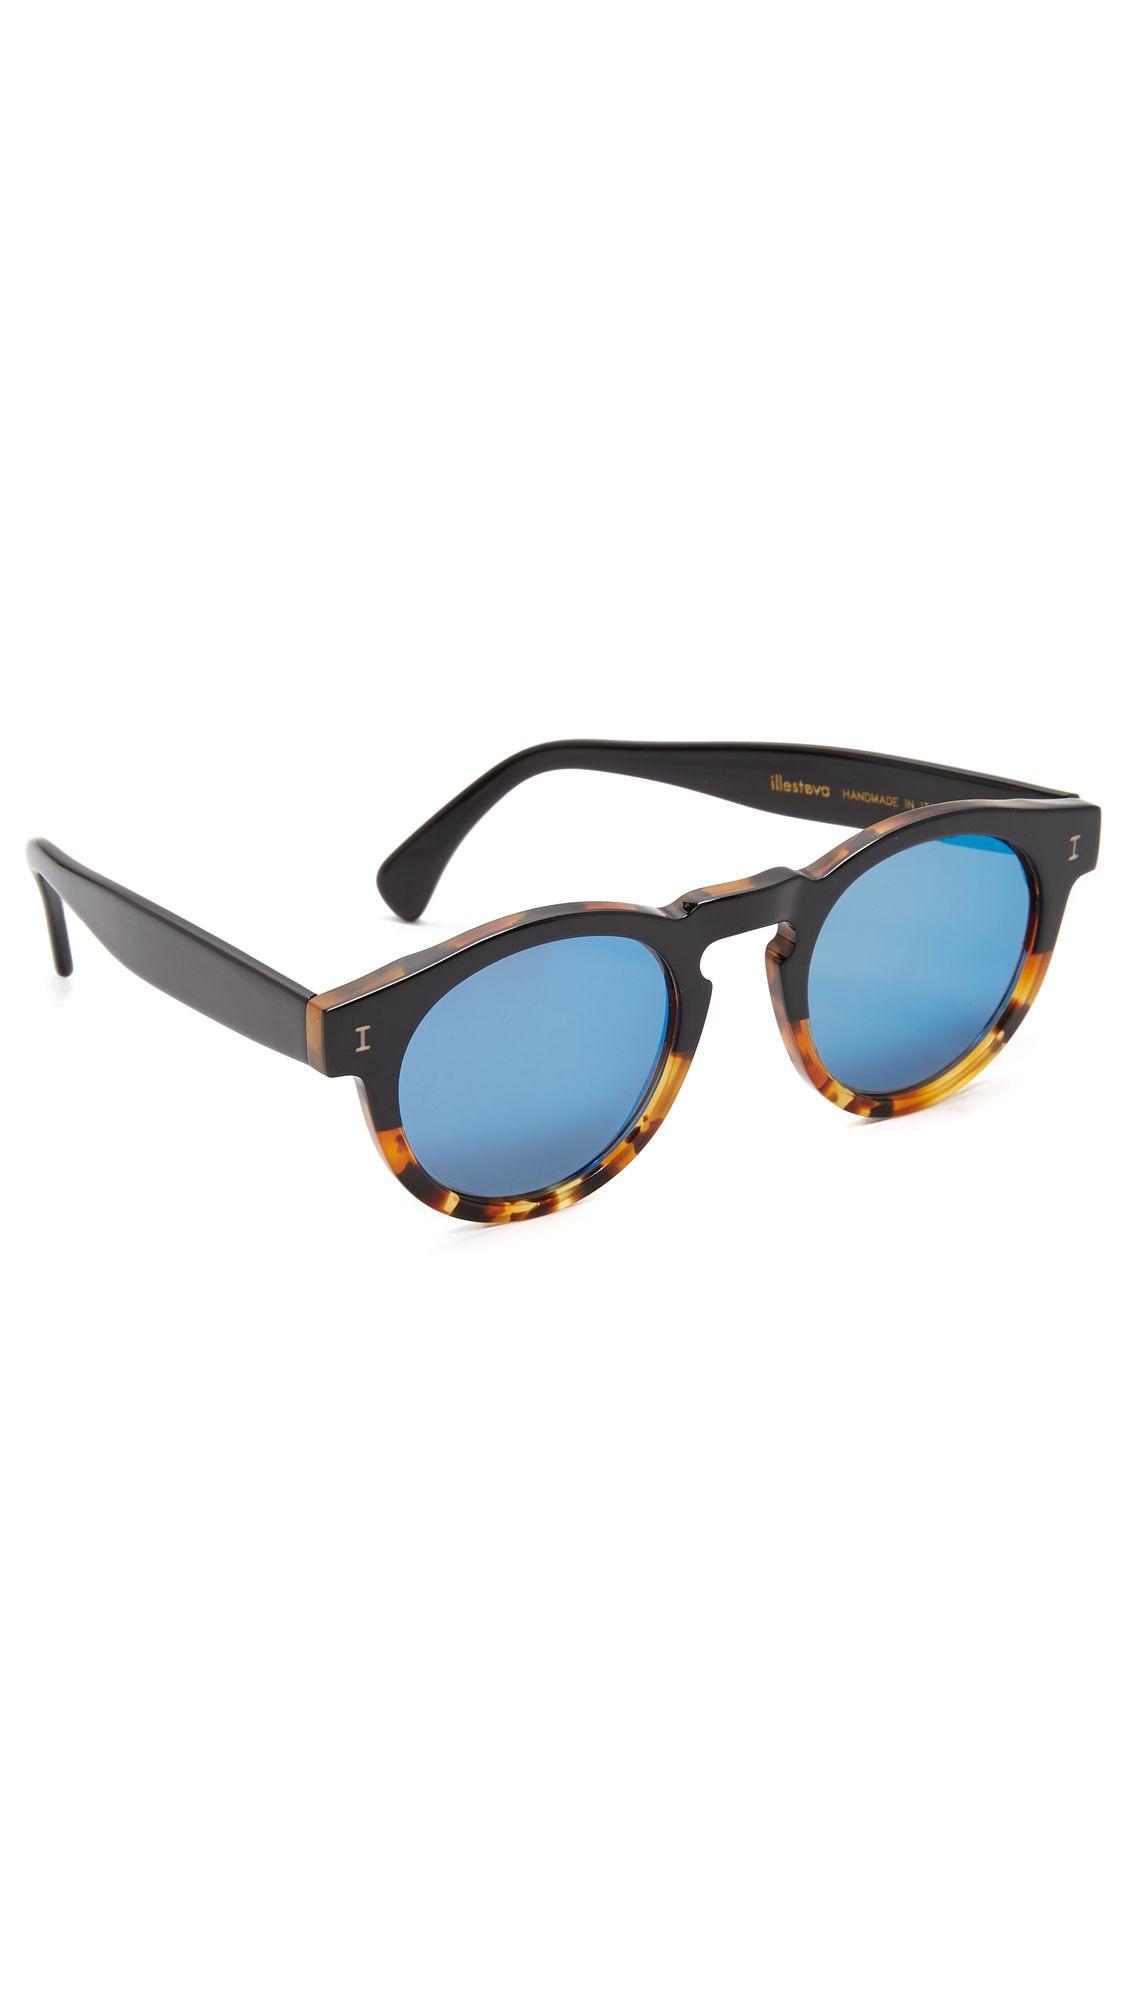 96ca5d09c ILLESTEVA Leonard Half & Half Mirrored Sunglasses. #illesteva #sunglasses